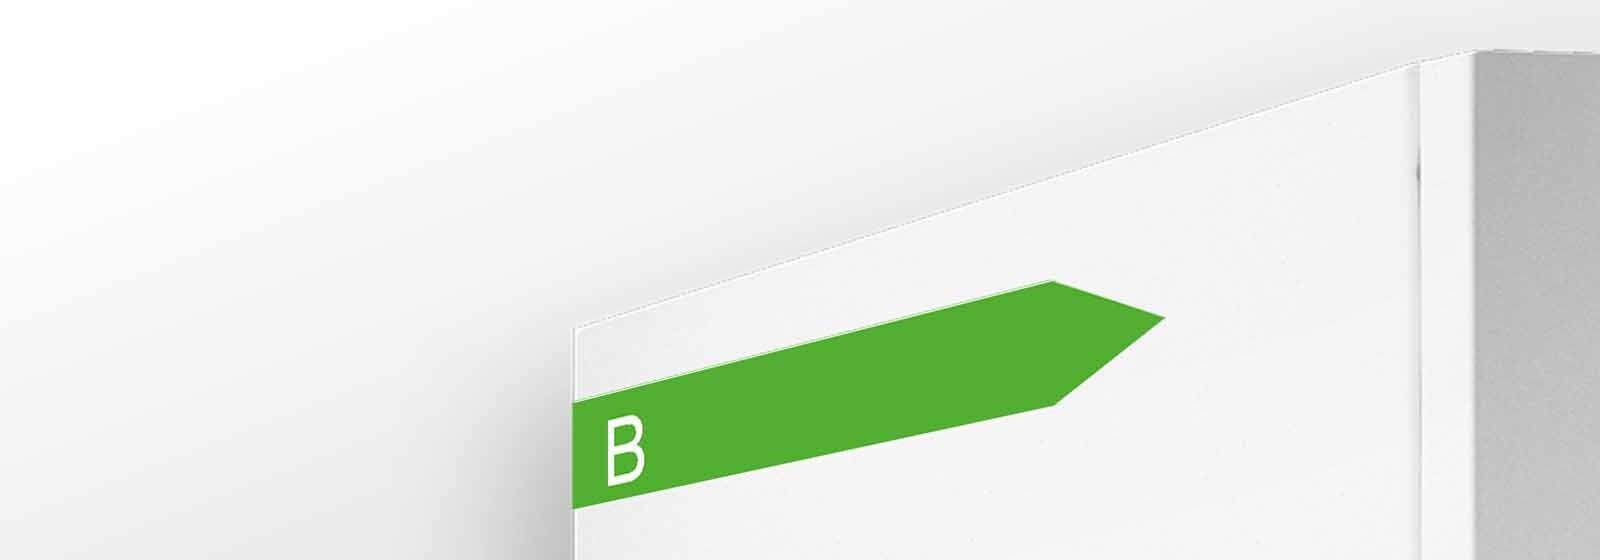 Jakie są podstawowe przepisy prawne dotyczące dyrektywy ErP?